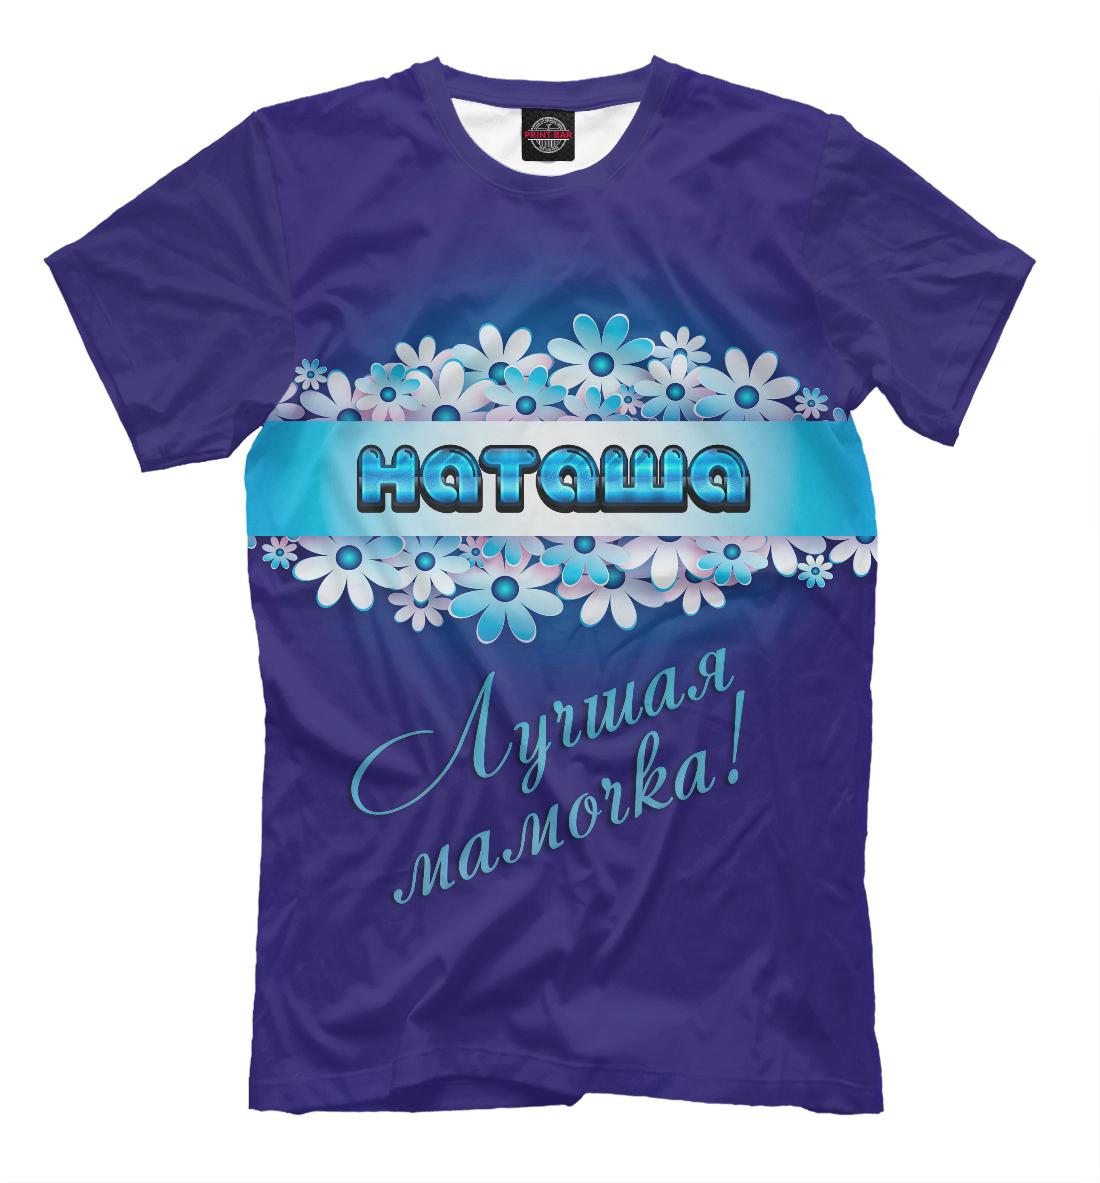 Купить Лучшая мамочка Наташа, Printbar, Футболки, IMR-528488-fut-2